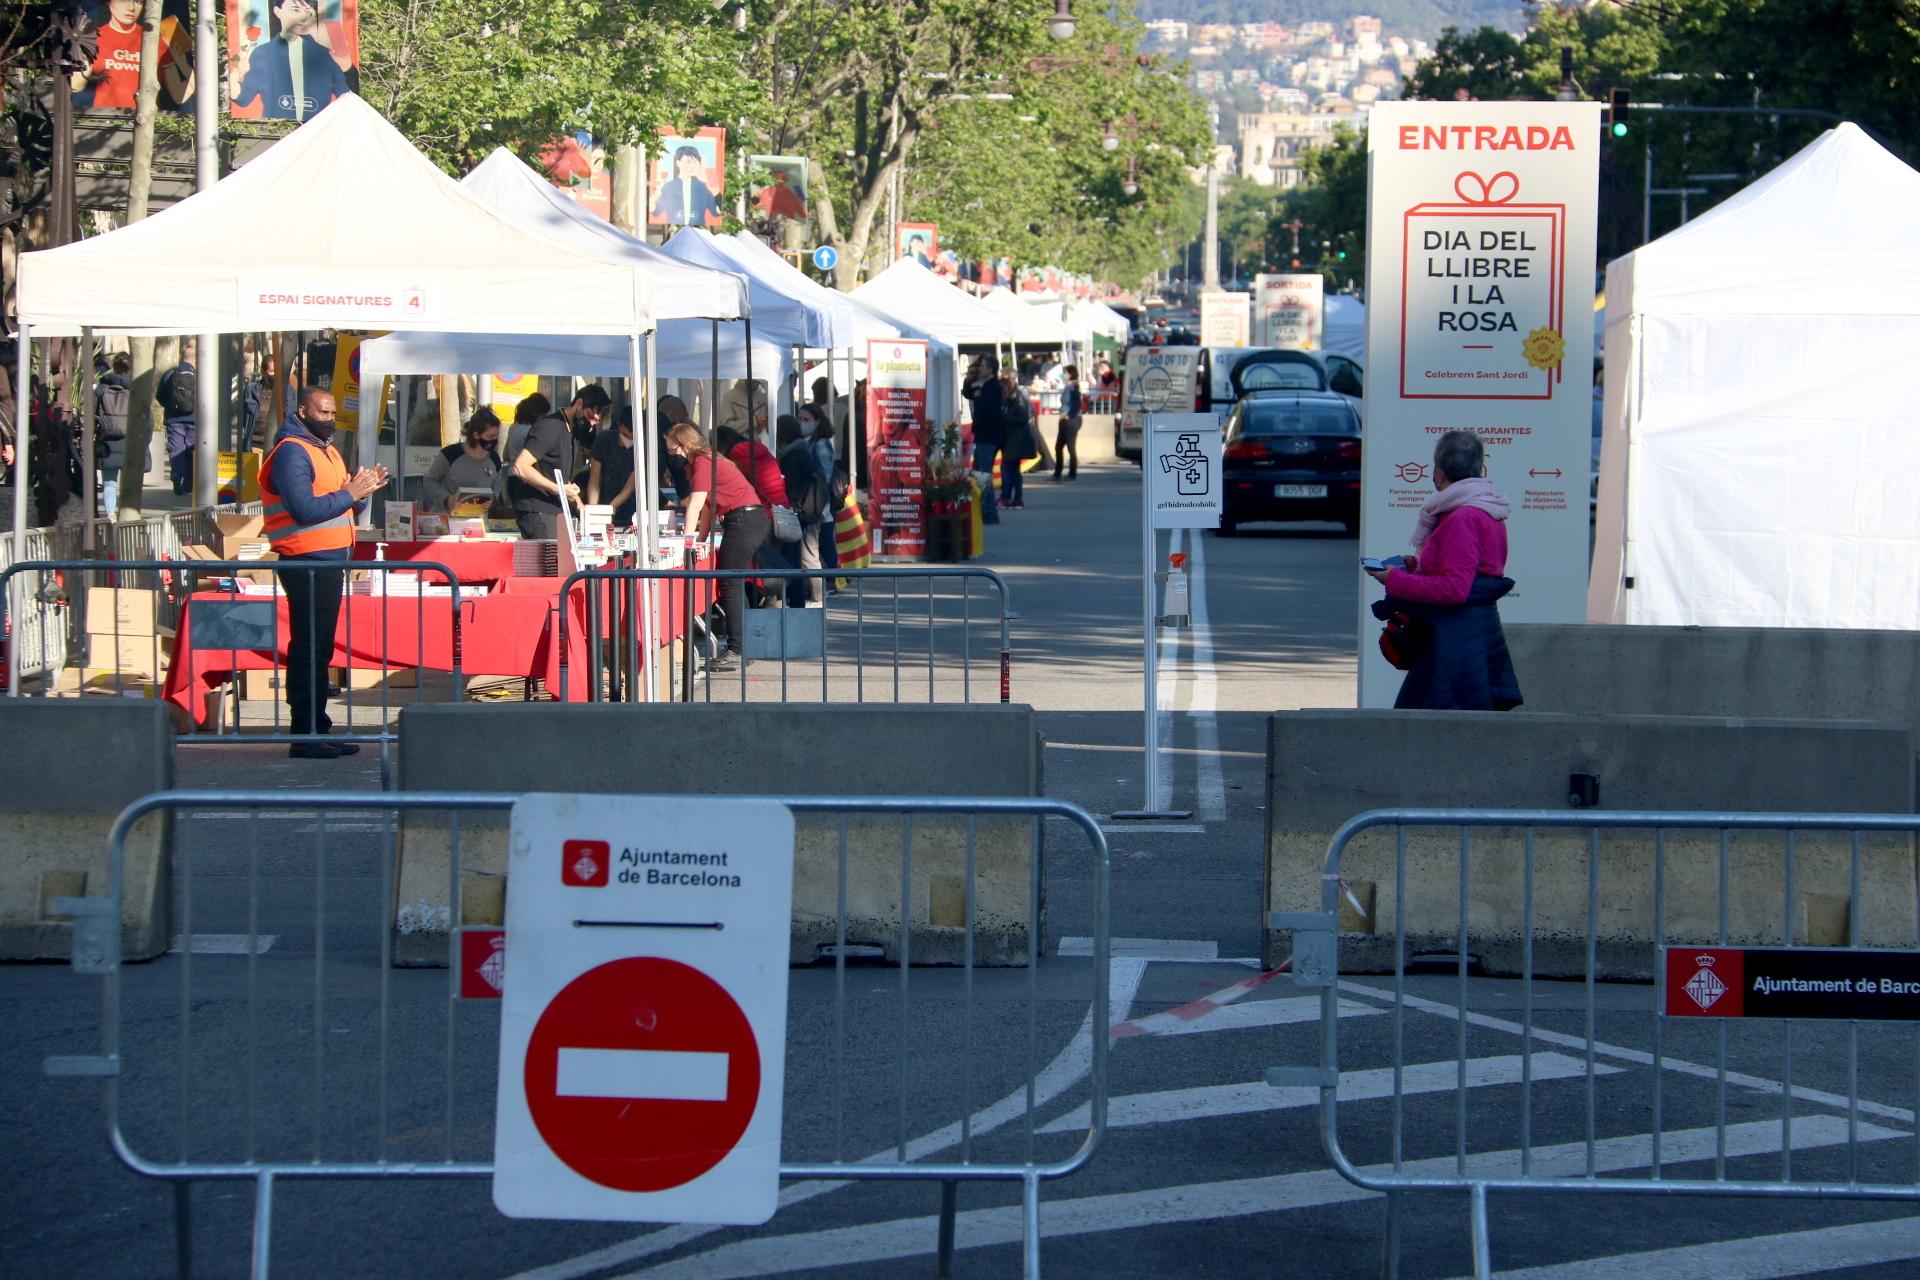 Un moment del muntatge del recinte perimetrat per a parades de llibres i roses a Passeig de Gràcia de Barcelona | ACN